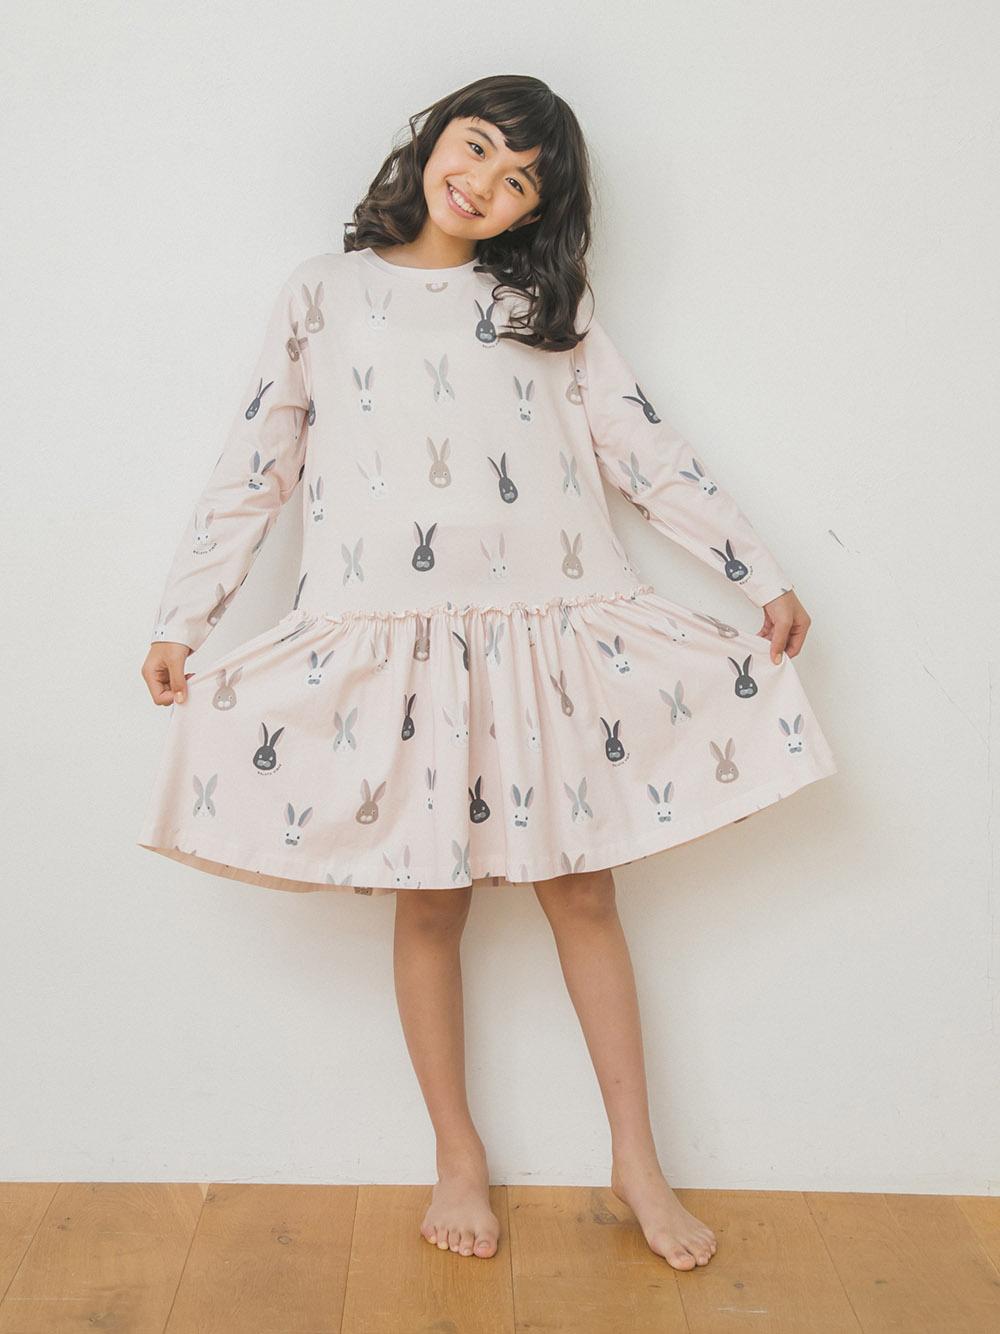 【オフィシャルオンラインストア限定】【junior】うさぎ柄ジュニアドレス&レギンスSET | PJCO205487